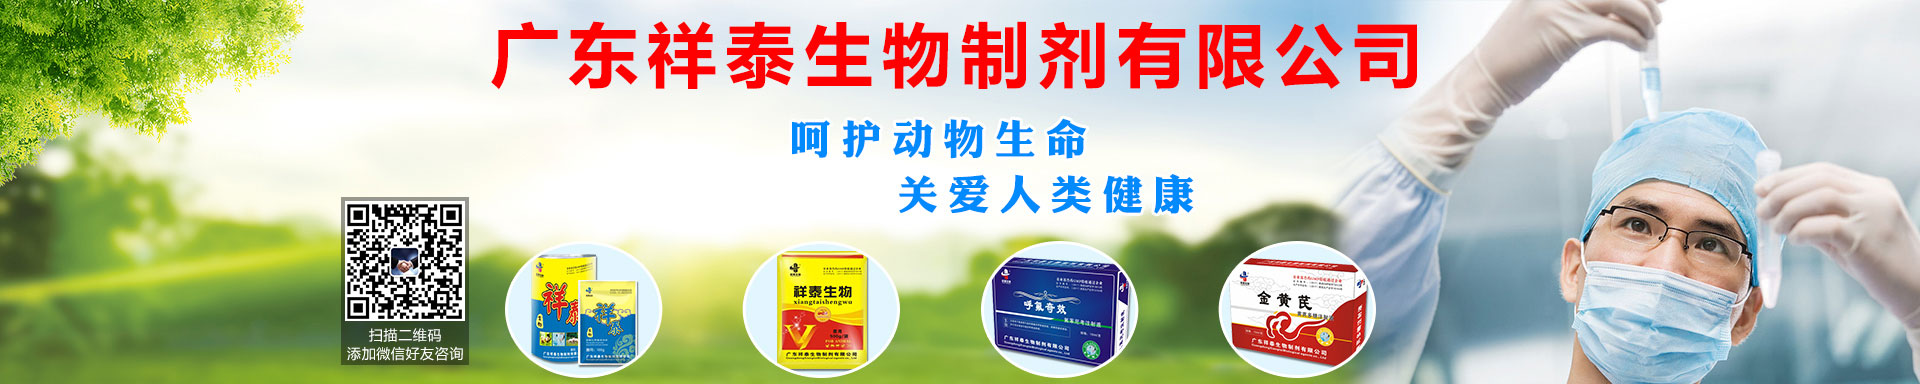 广东祥泰生物制剂有限公司